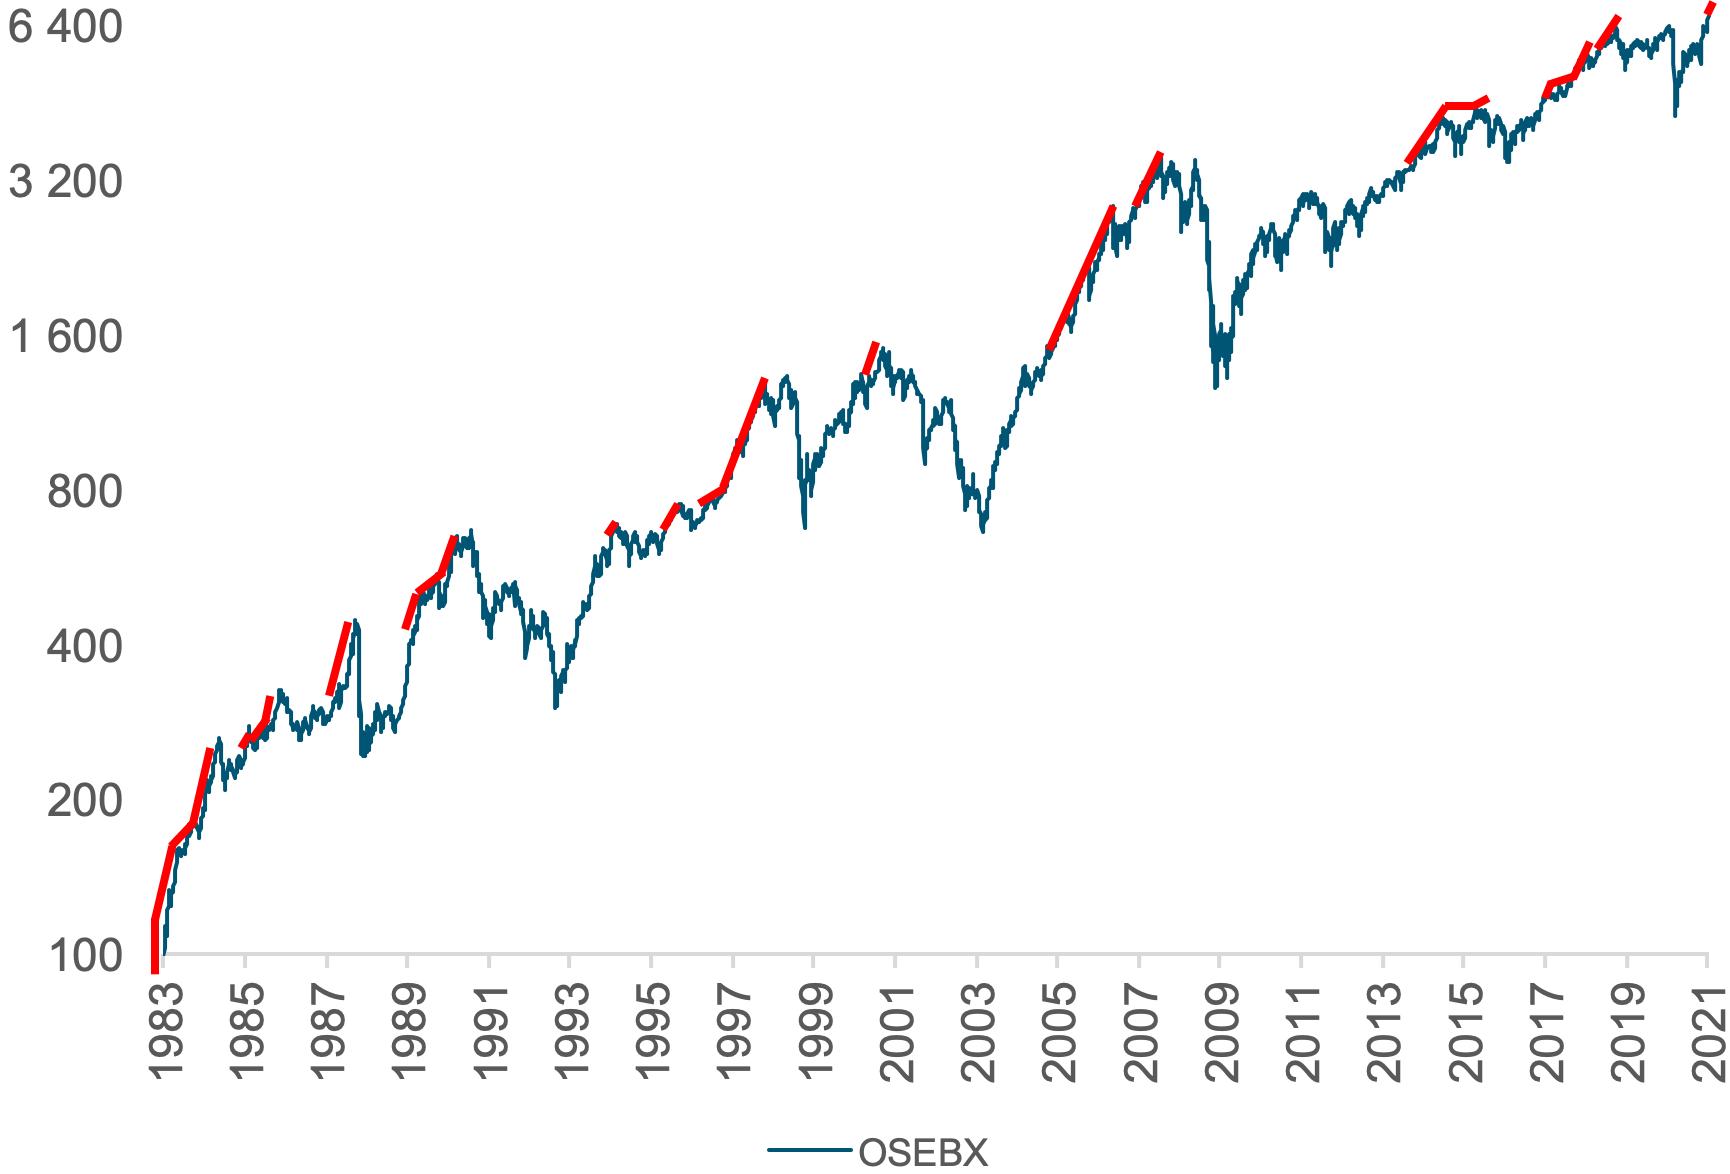 Her ser du hvordan Hovedindeksen på Oslo Børs (OSEBX) har pleid å stige videre etter at det har steget forbi forrige toppnivå fra januar 1983 til januar 2021.